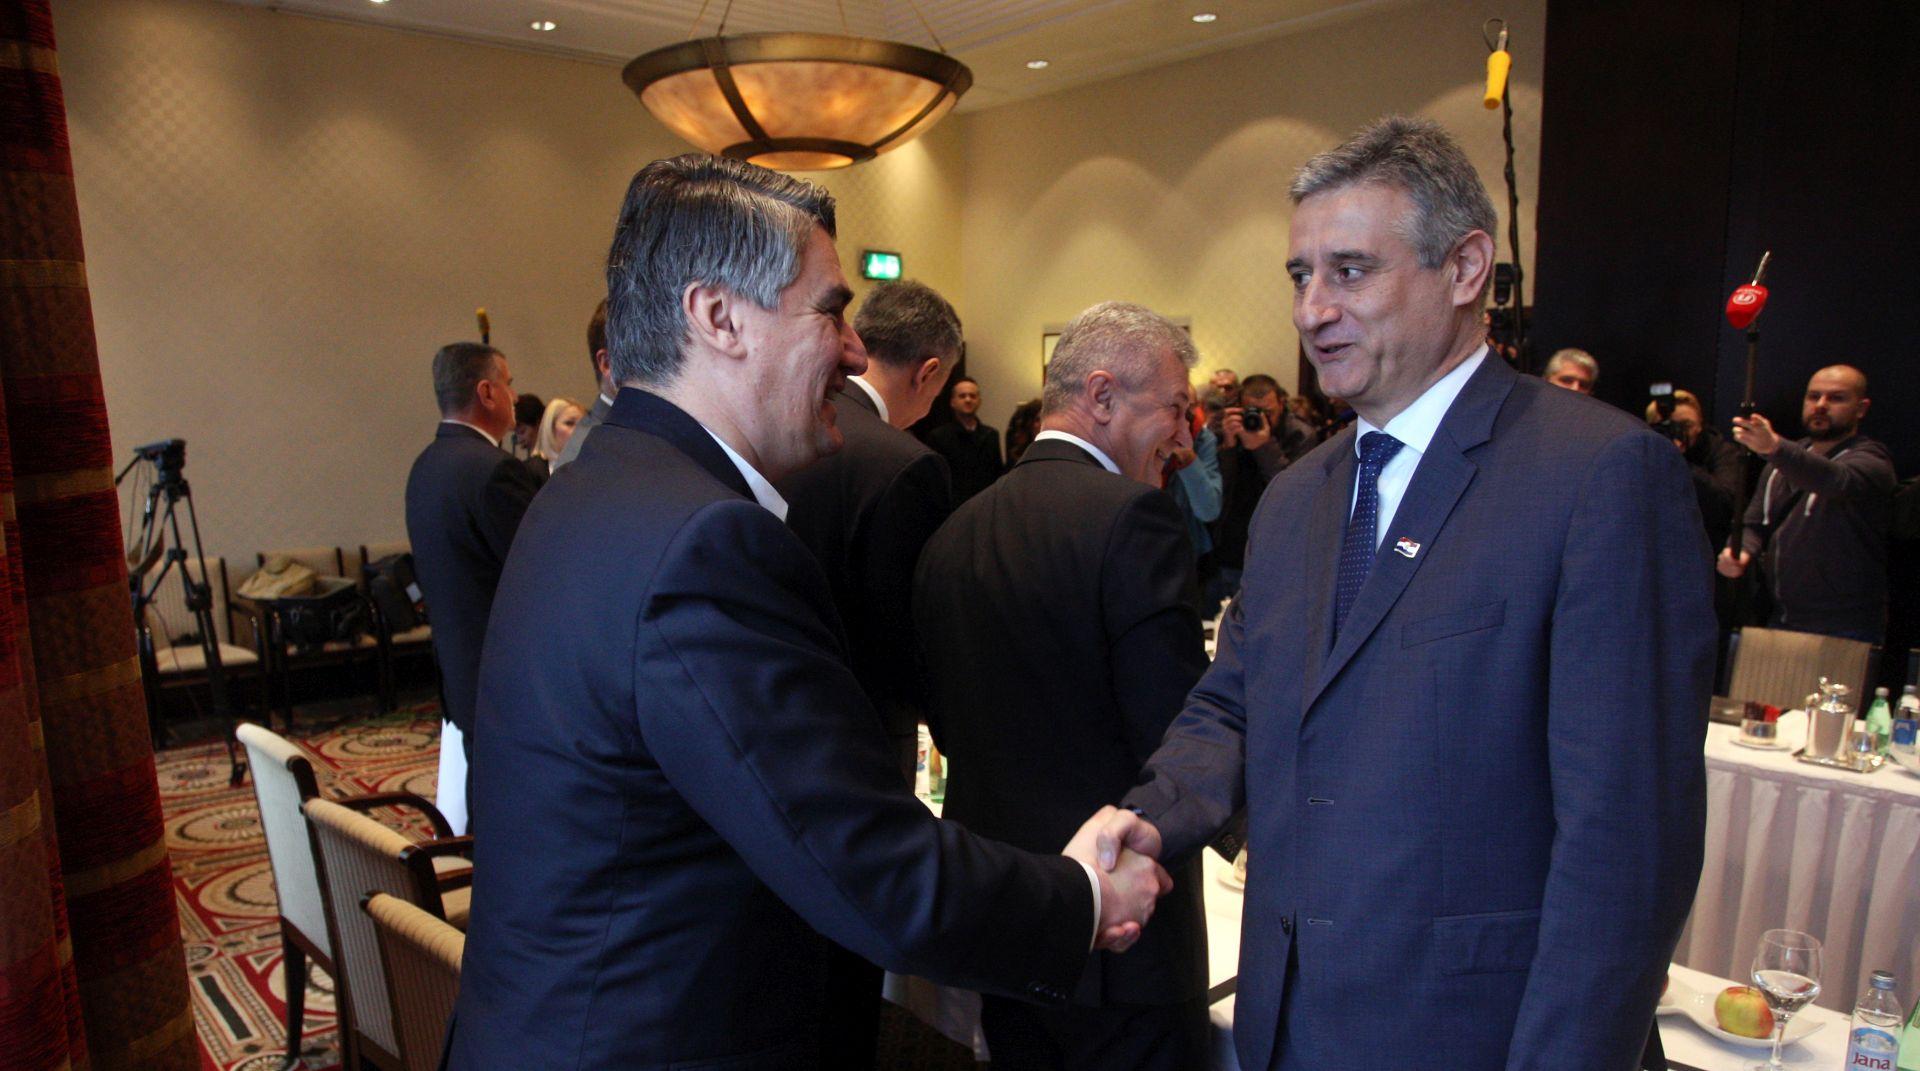 ODLUKA O SPORAZUMU TRIPARTITNE VLADE: Predsjedništvo HDZ-a u podne, a SDP-a u 17 sati odlučuju hoće li potpisati